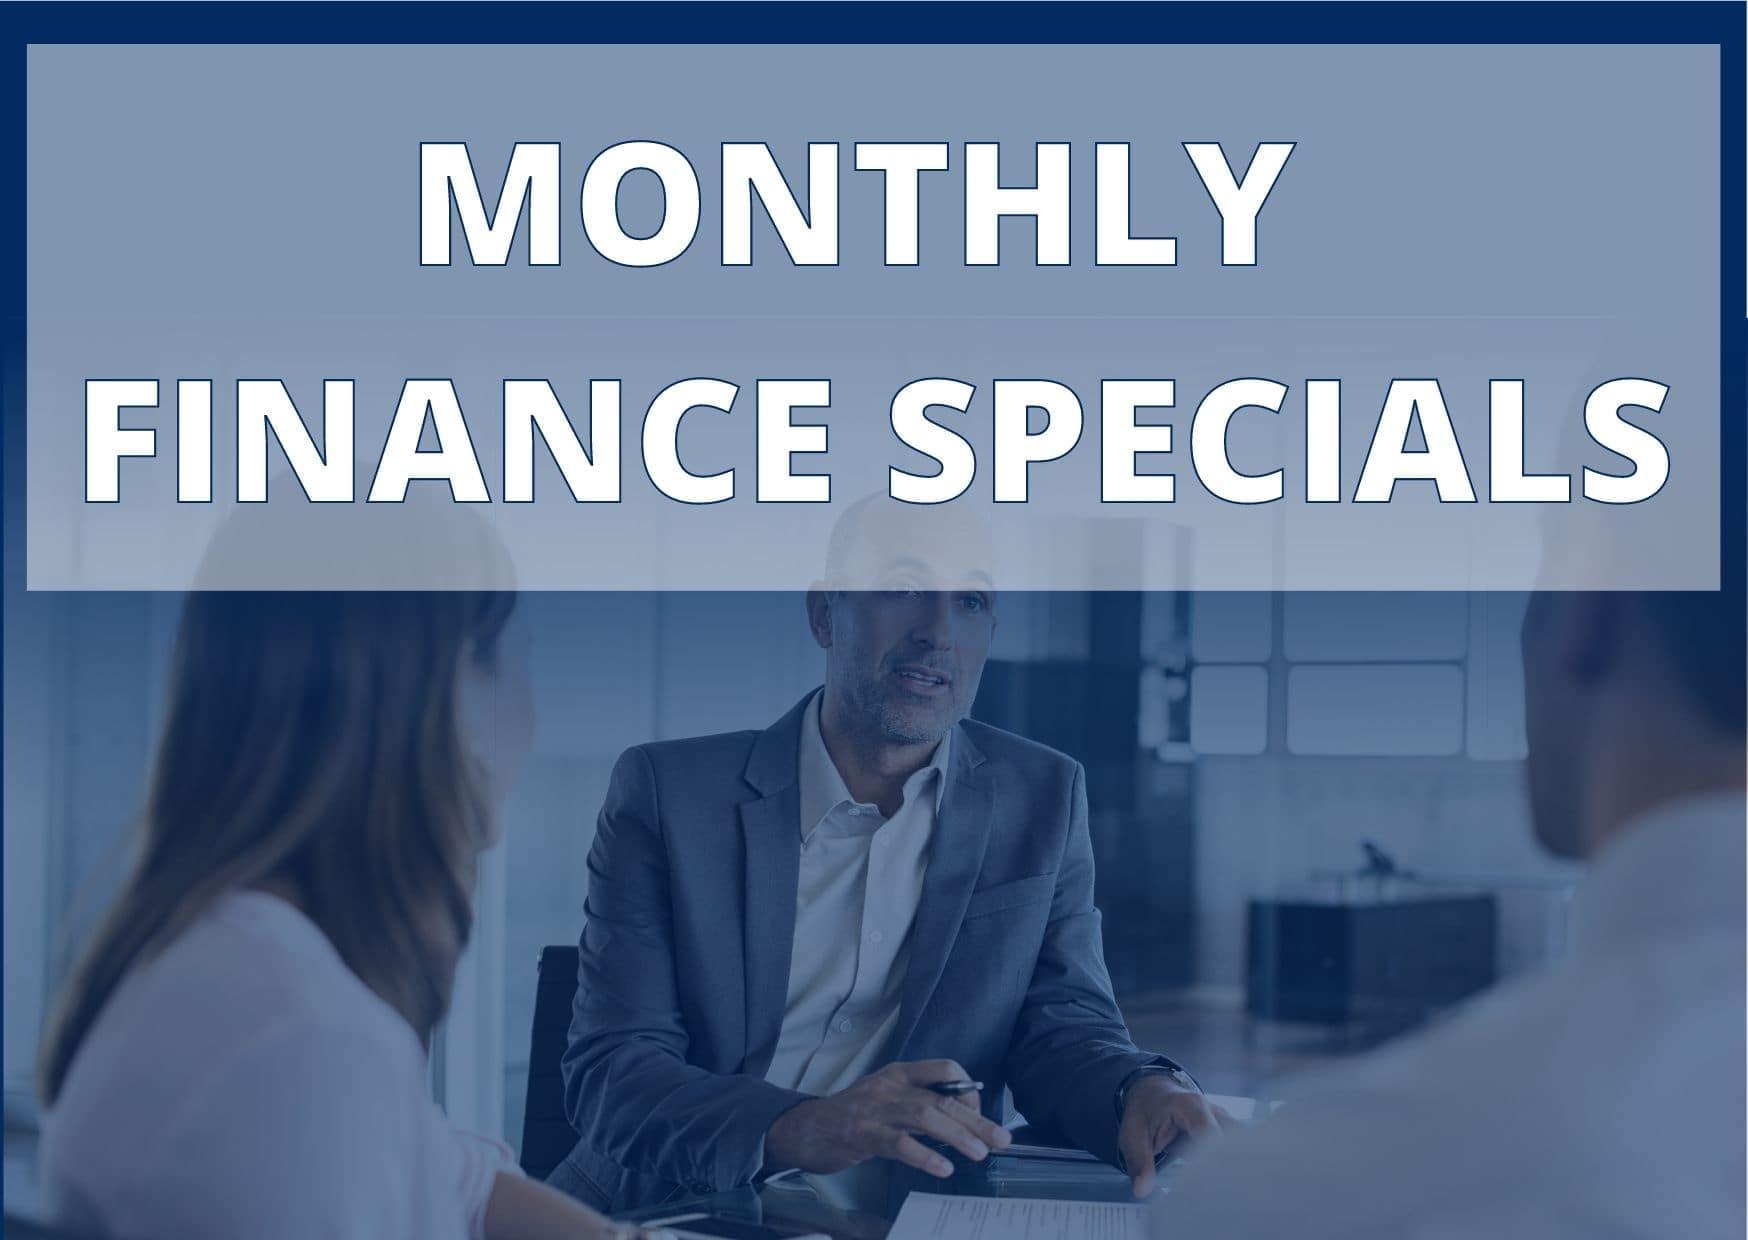 financespecials